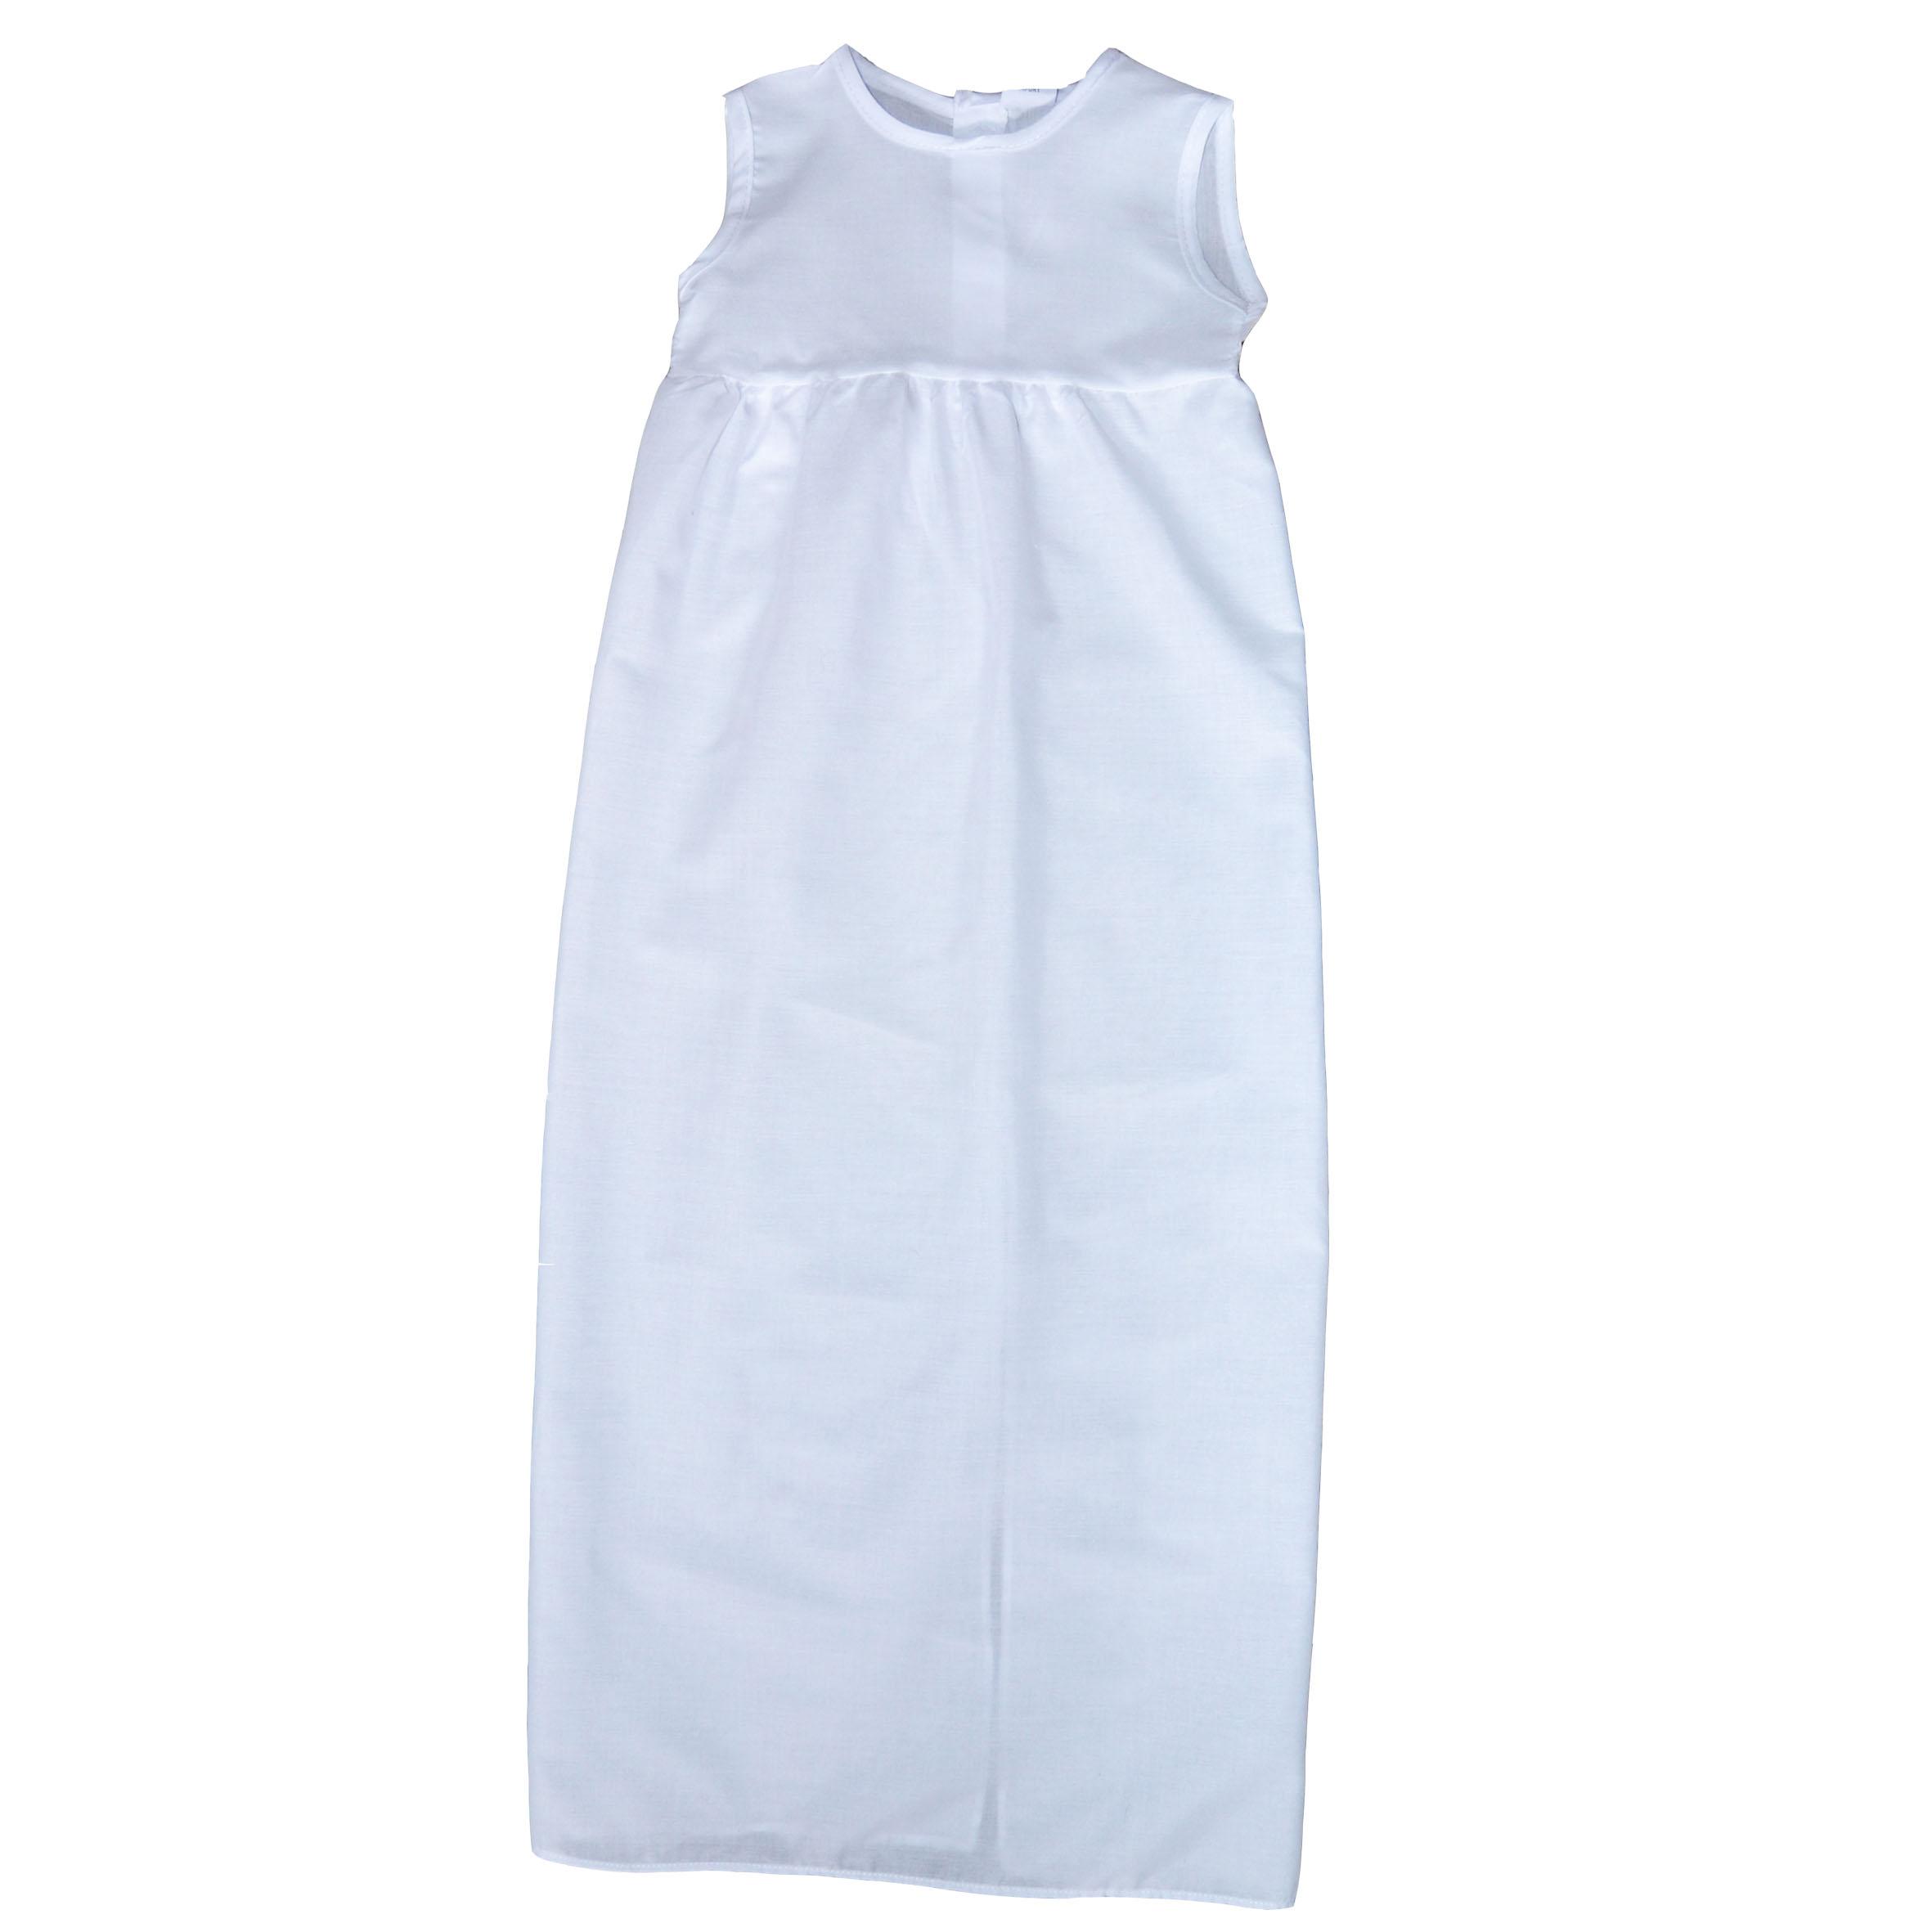 Underklänning 10069 Rosa, Blå, Vit